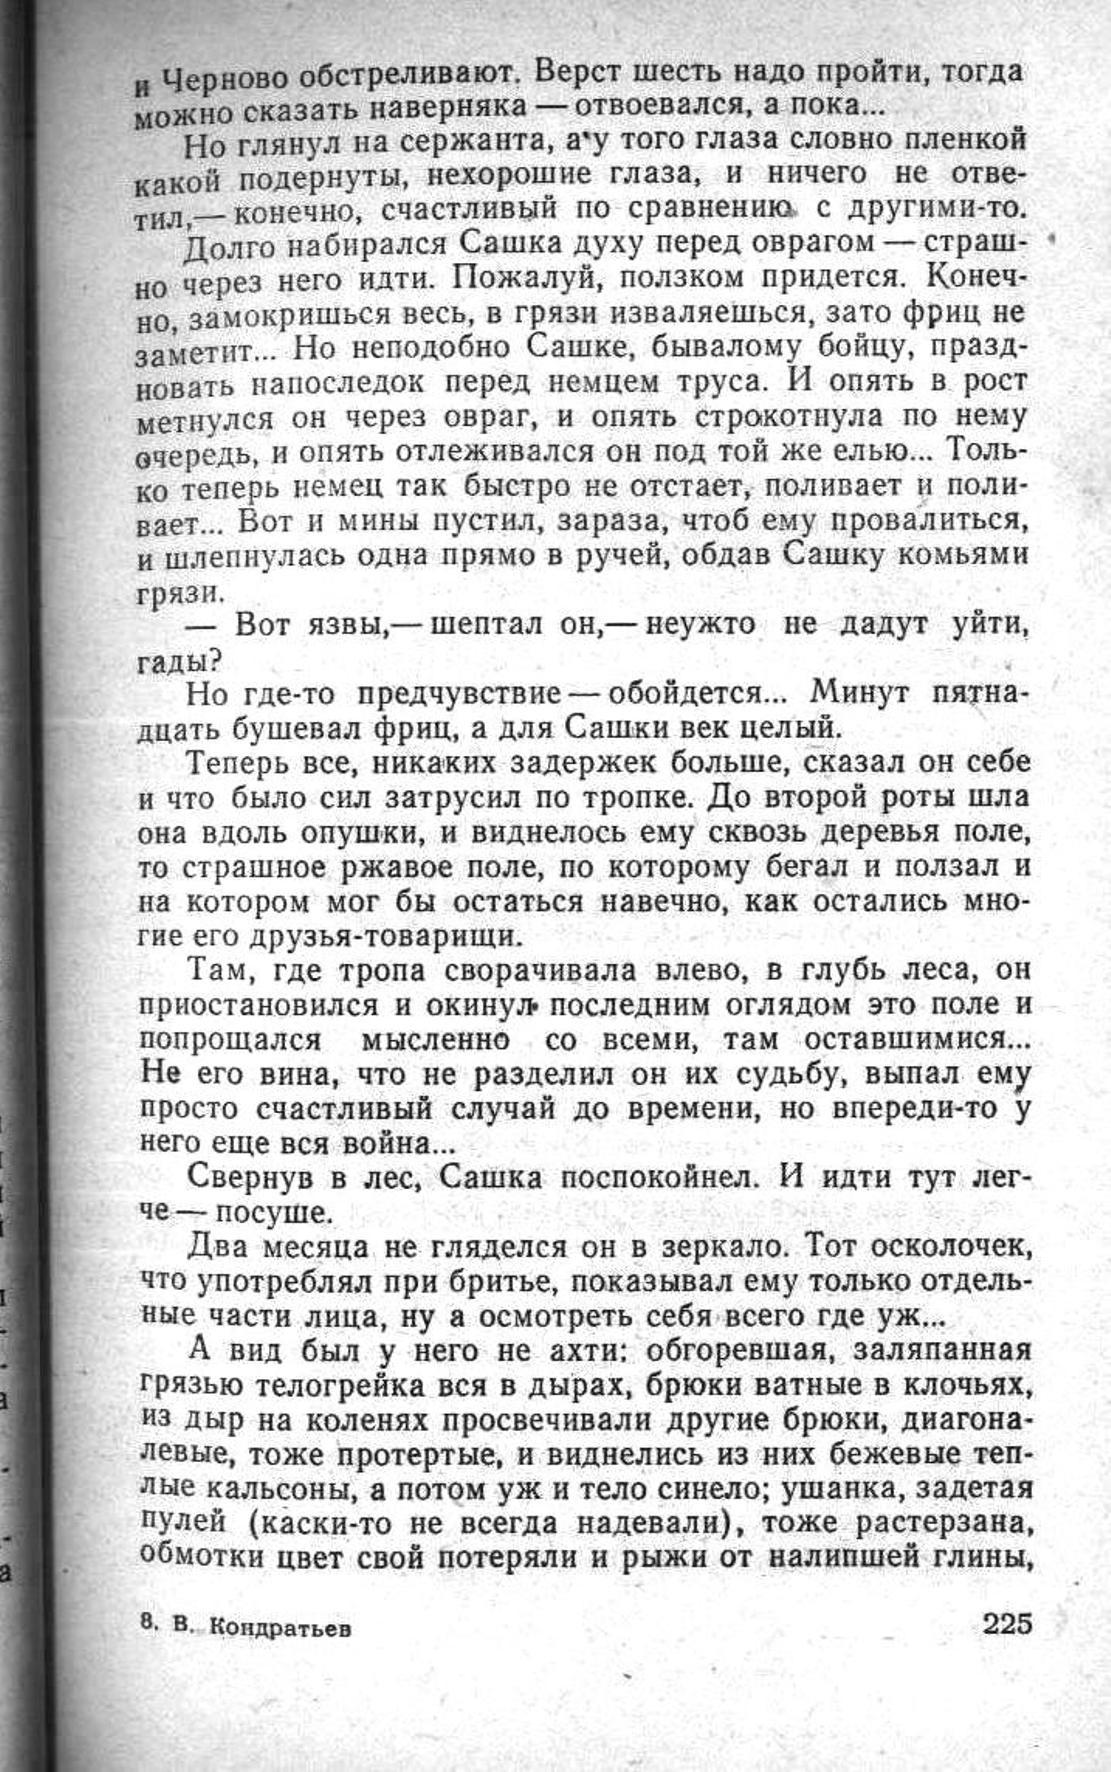 Сашка. Повесть. Вячеслав Кондратьев. 006. 006